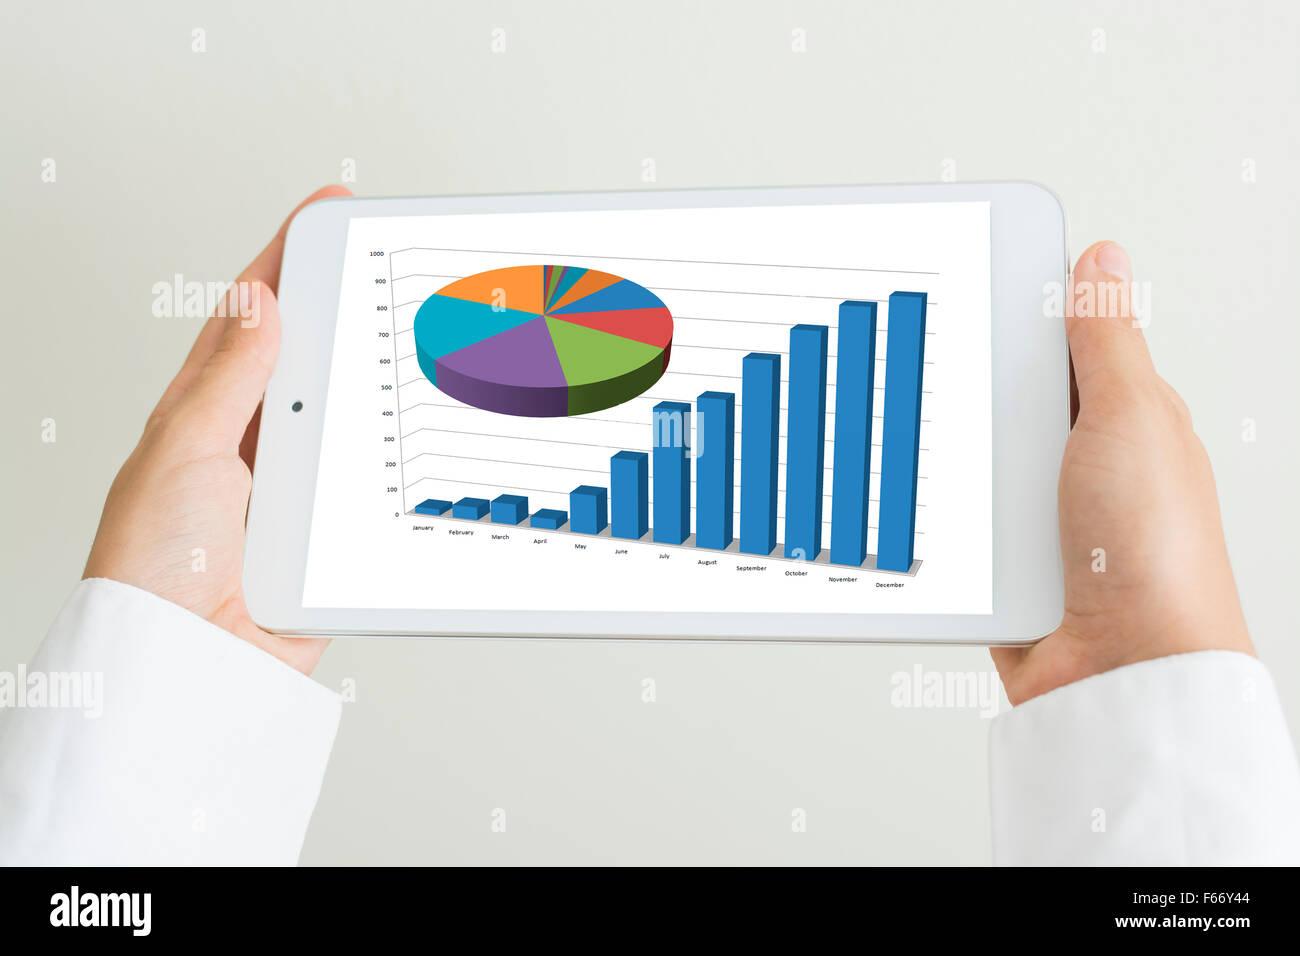 Hände halten das Tablet als Business-tool Stockbild